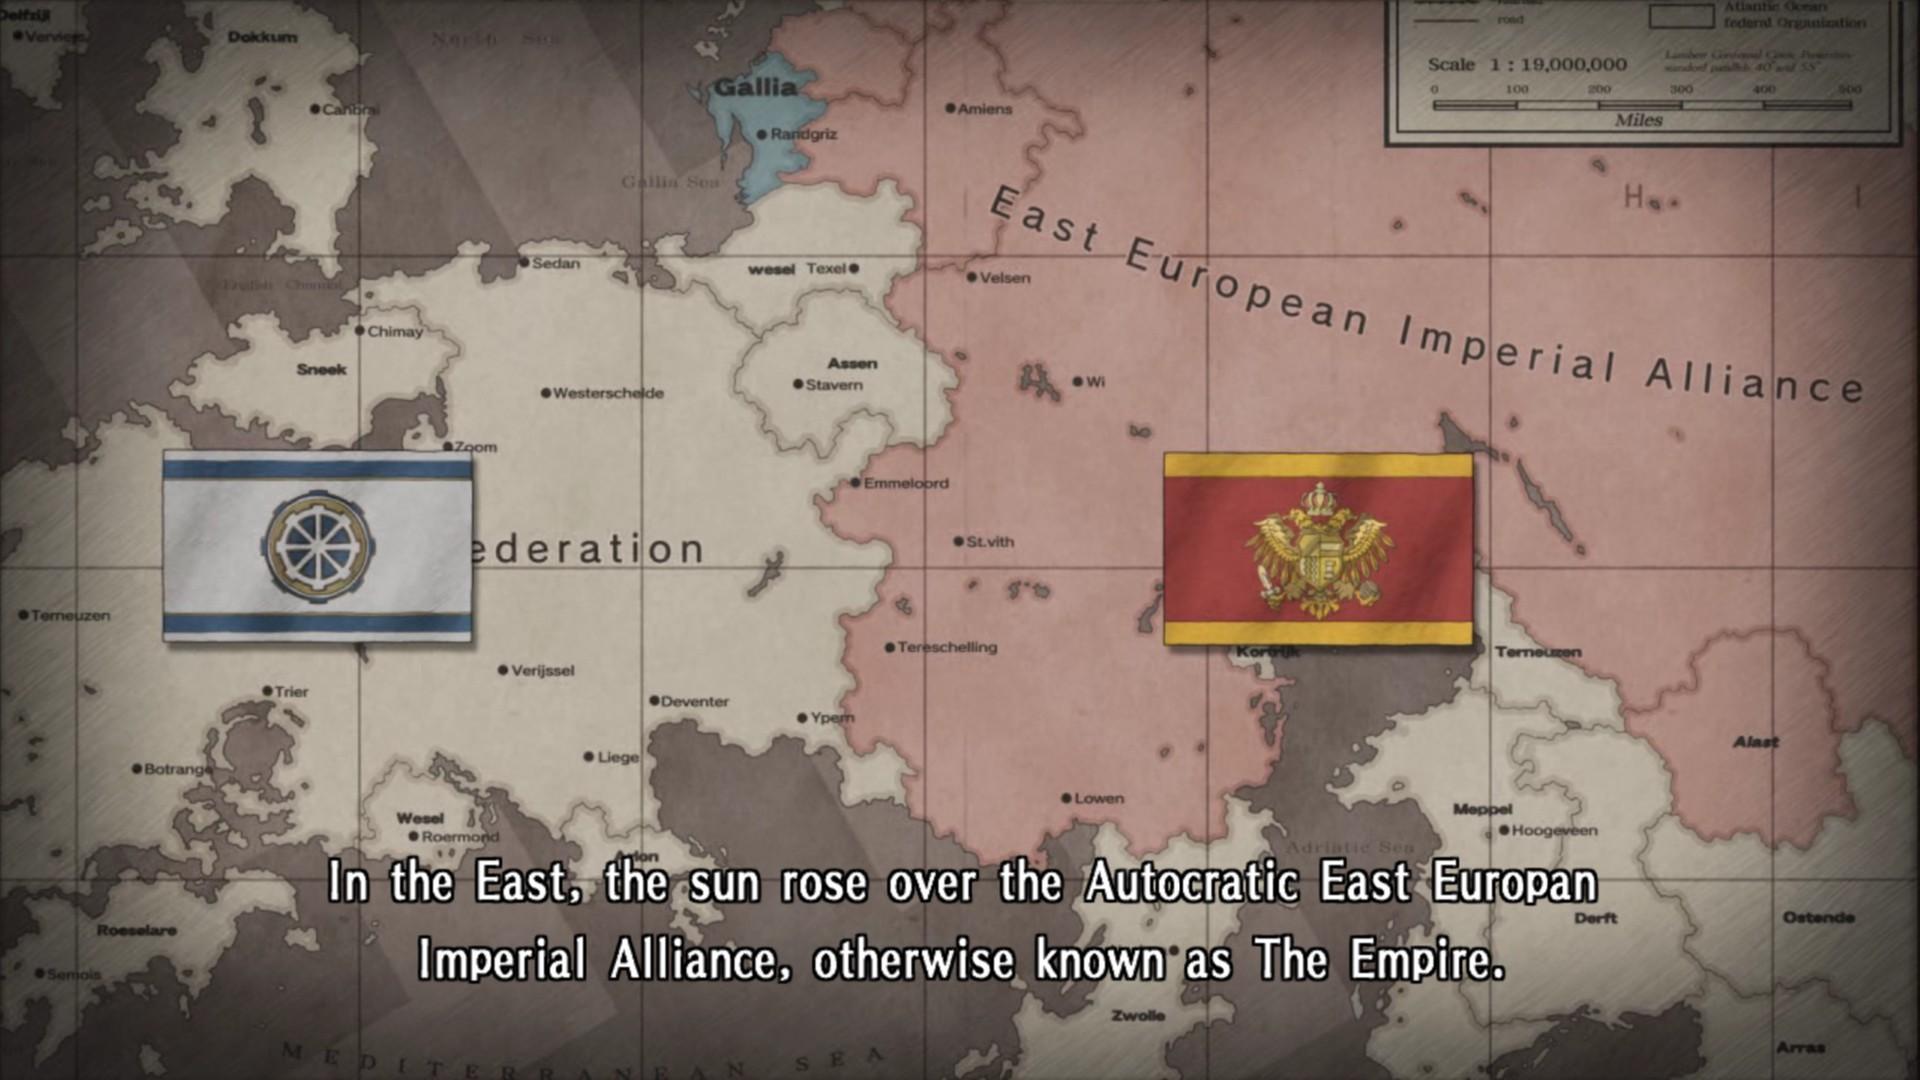 Das fiktive Europa (sogar die Küsten sind irgendwo ähnlich aber anders) mit Föderation, Imperium und dem winzigen Gallia im Norden.